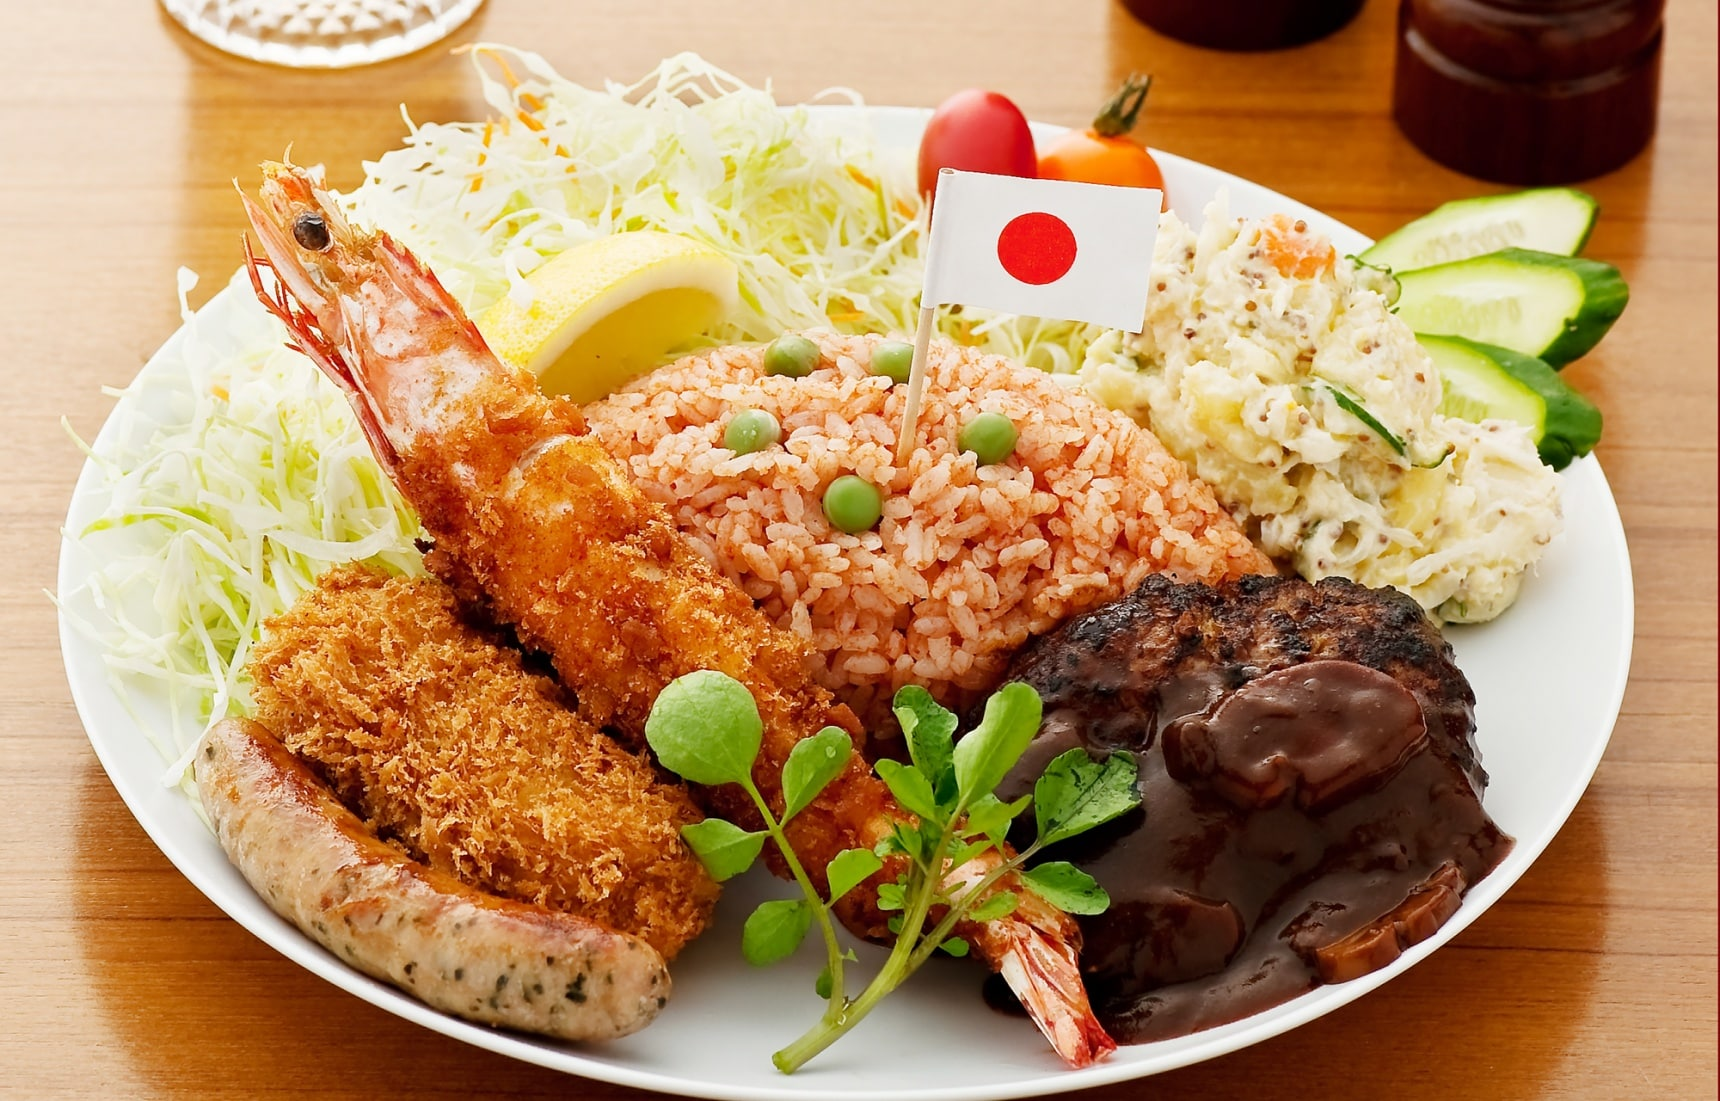 融入日本飲食文化的西洋料理!從日本家庭料理看「日式洋食」的演變